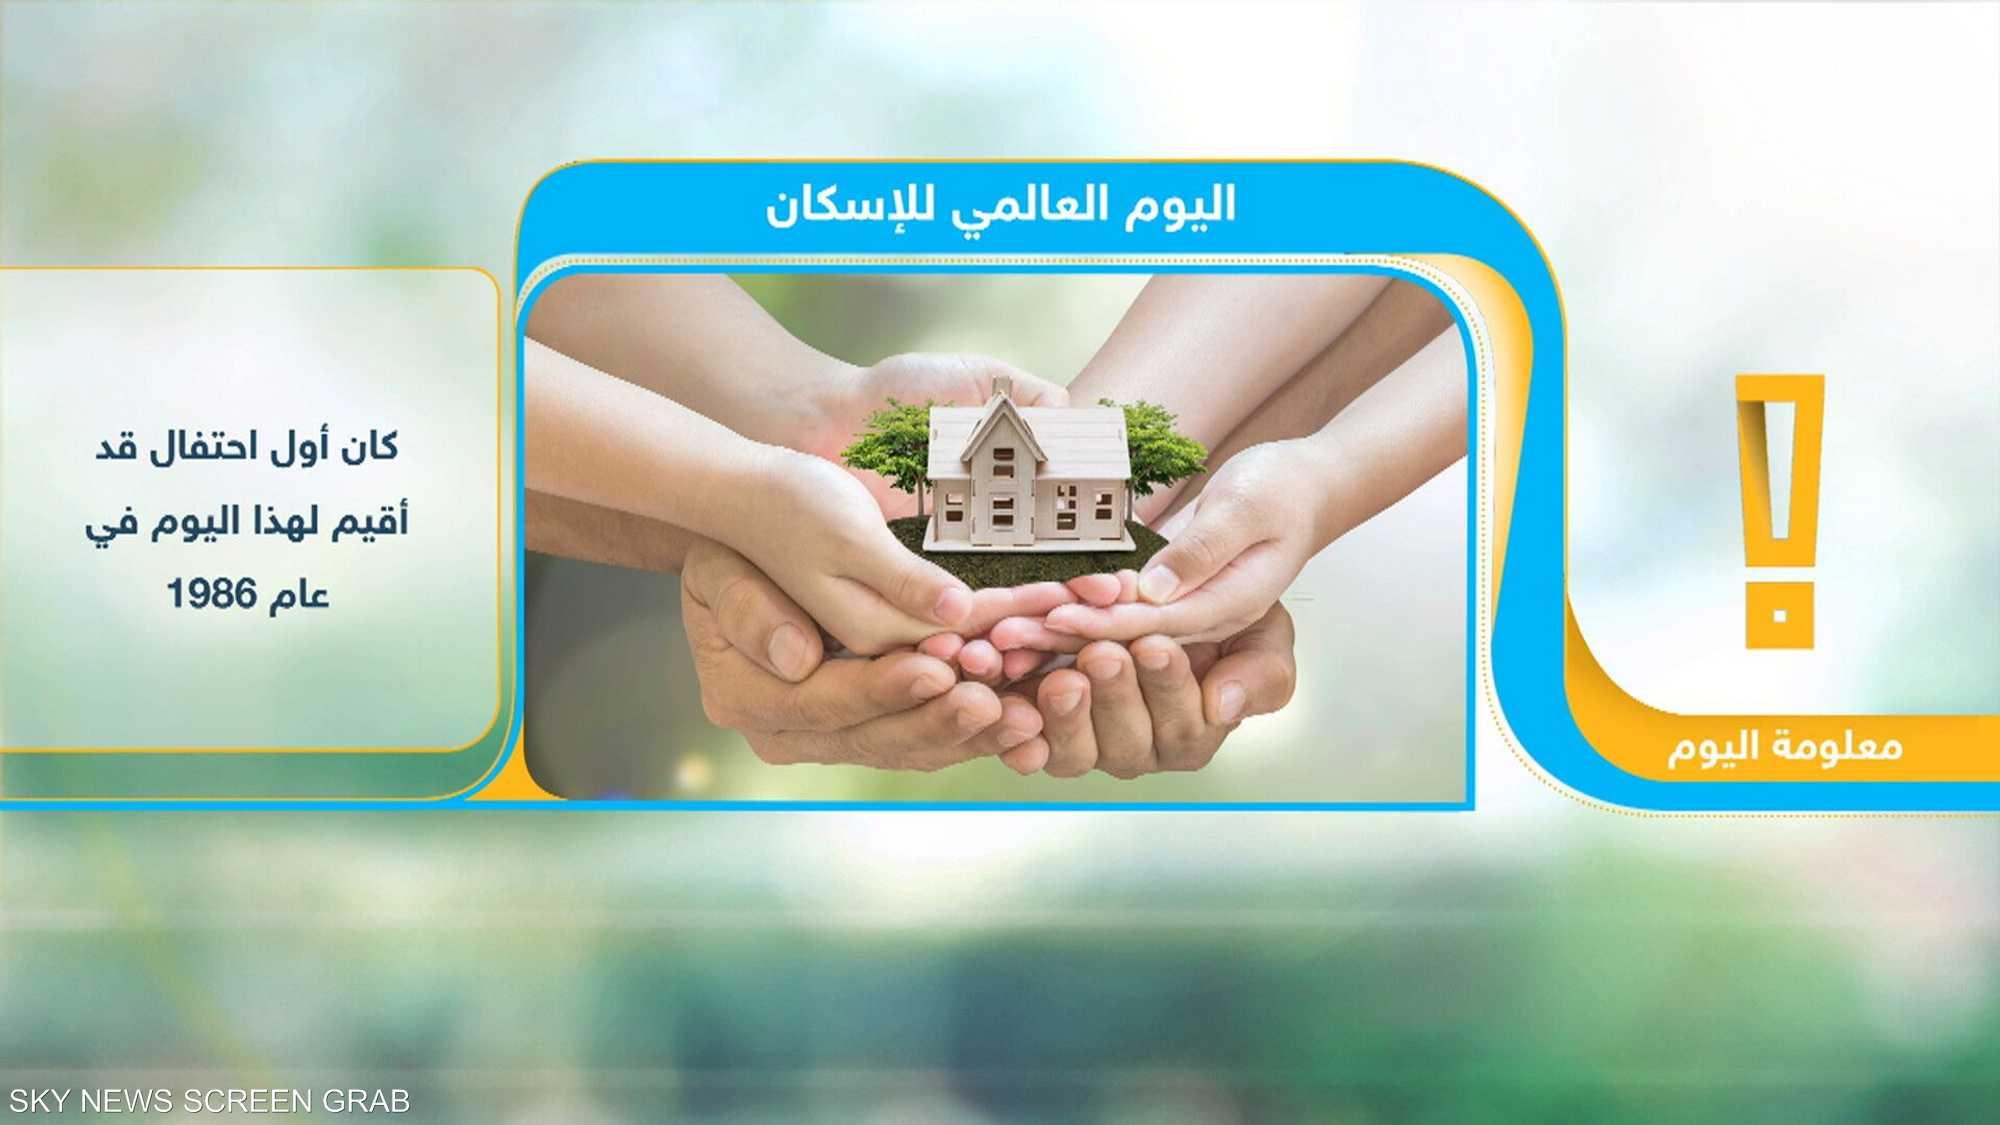 اليوم العالمي للإسكان